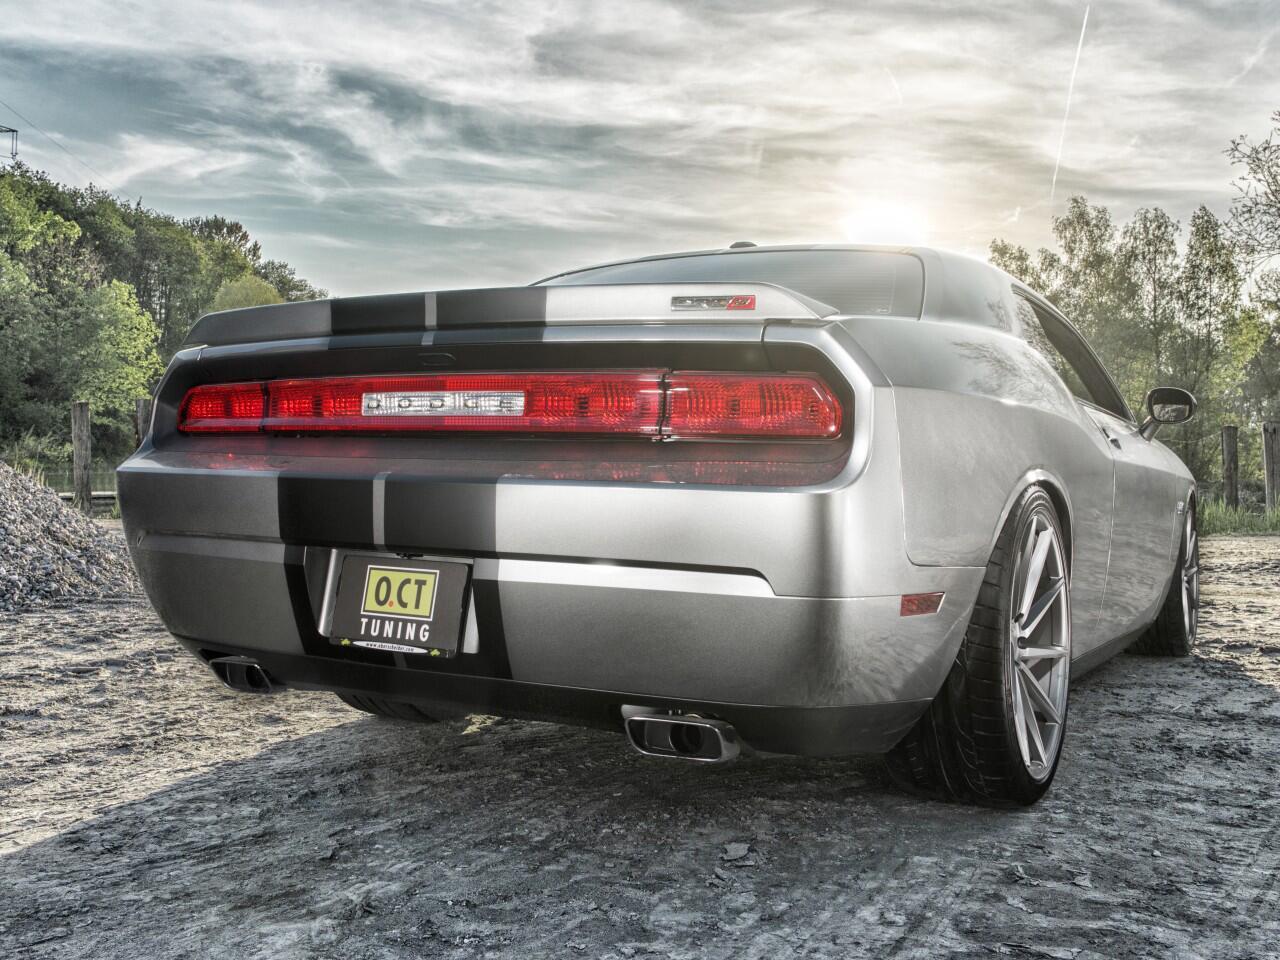 Bild zu Dodge Challenger SRT8 OCTSRT8-700